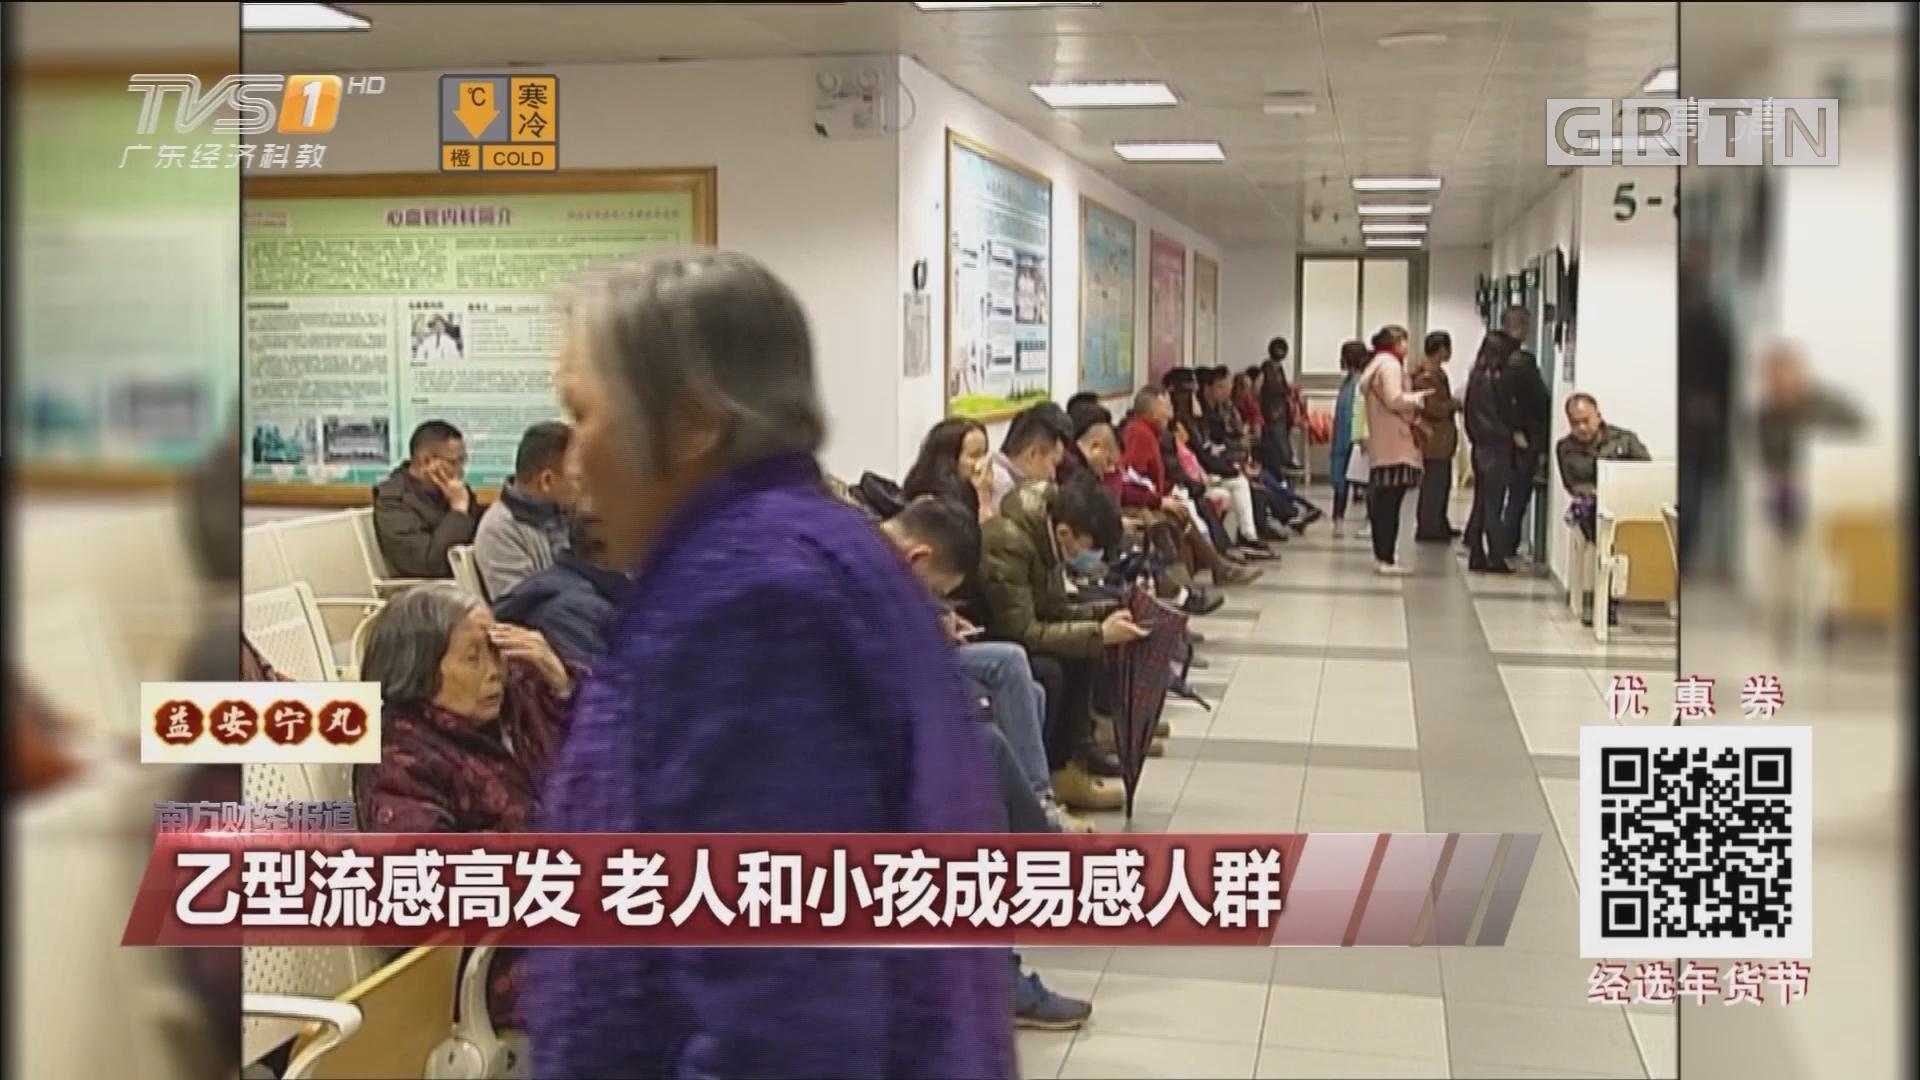 乙型流感高发 老人和小孩成易感人群